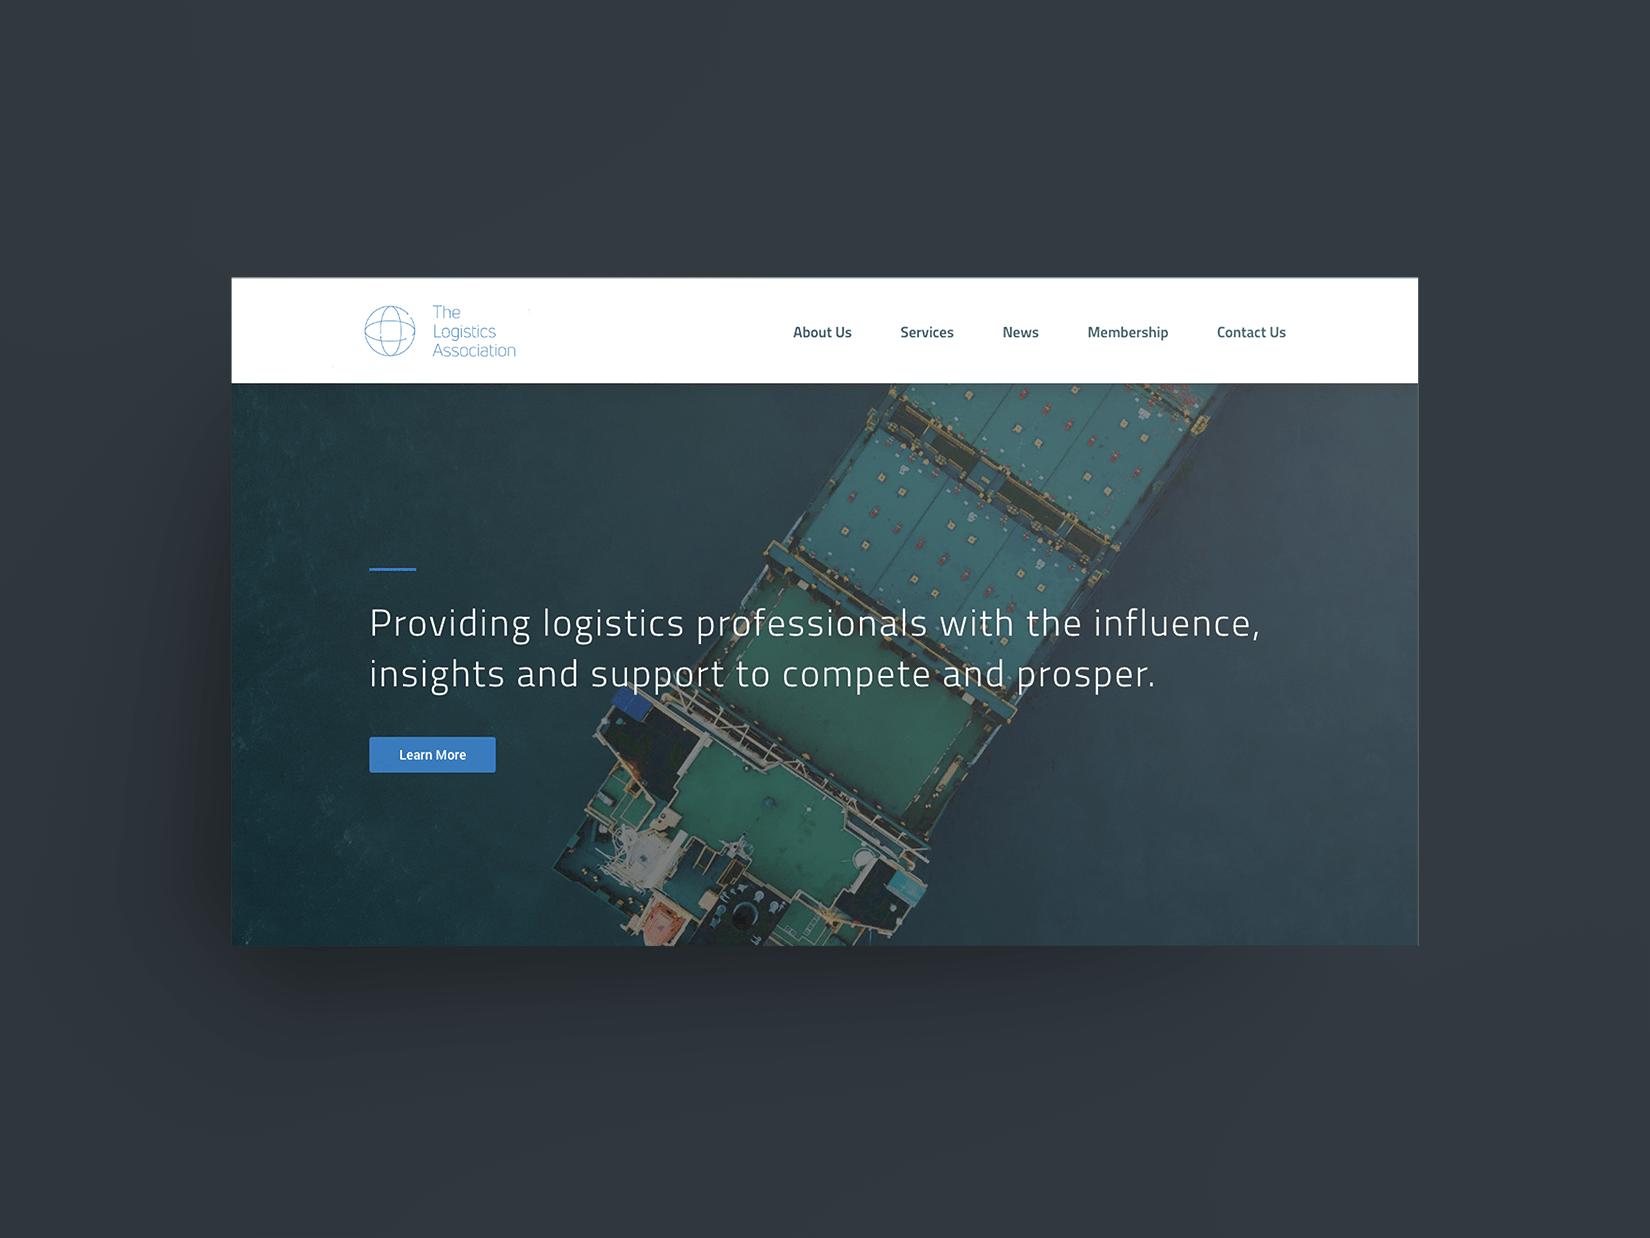 The Logistics Association Website & Branding Project